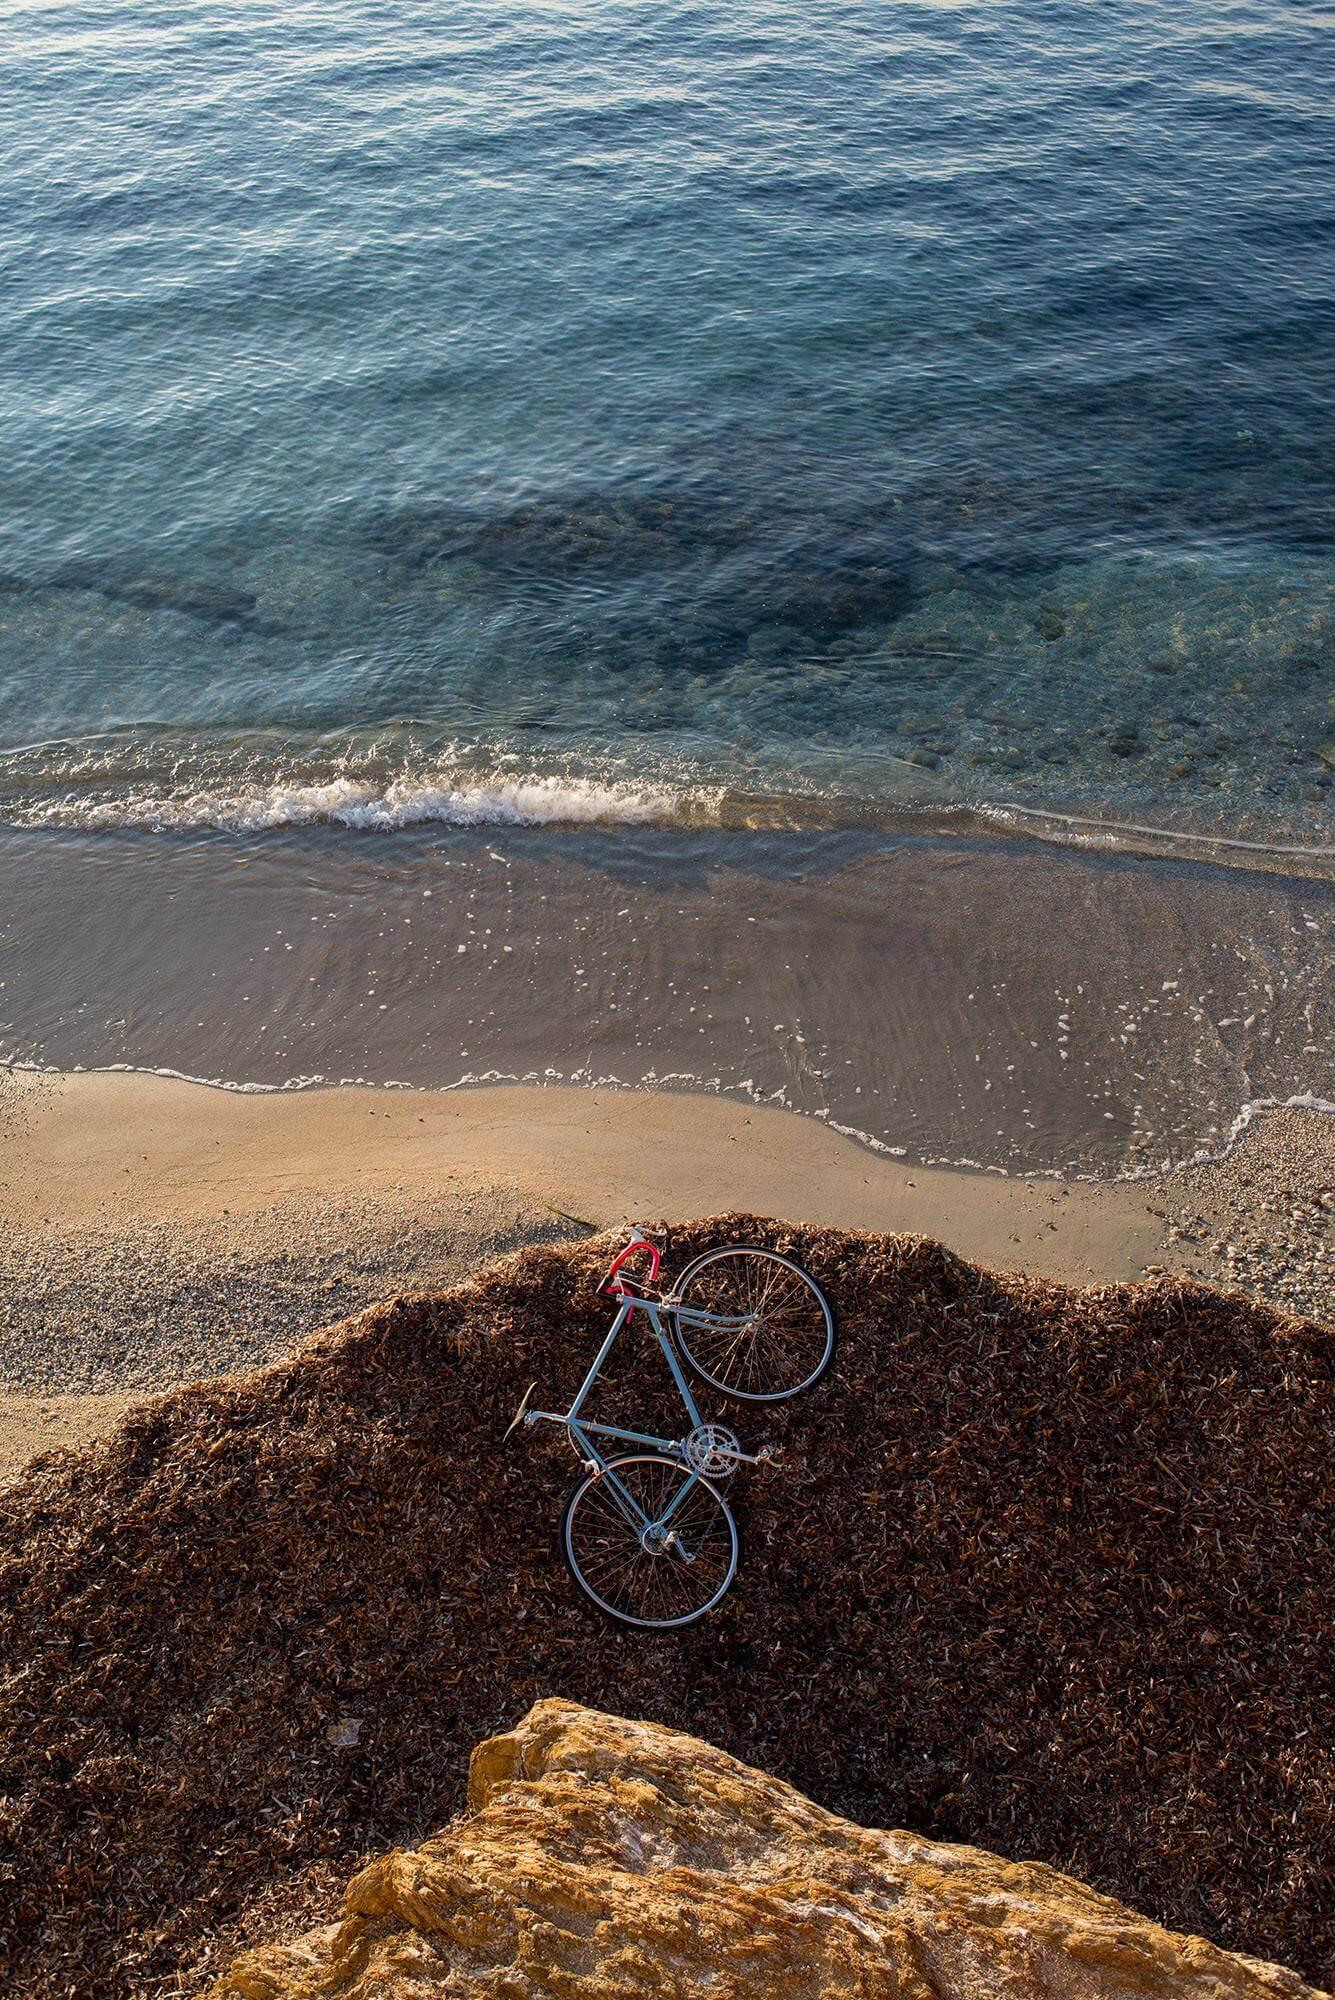 velo près de la mer